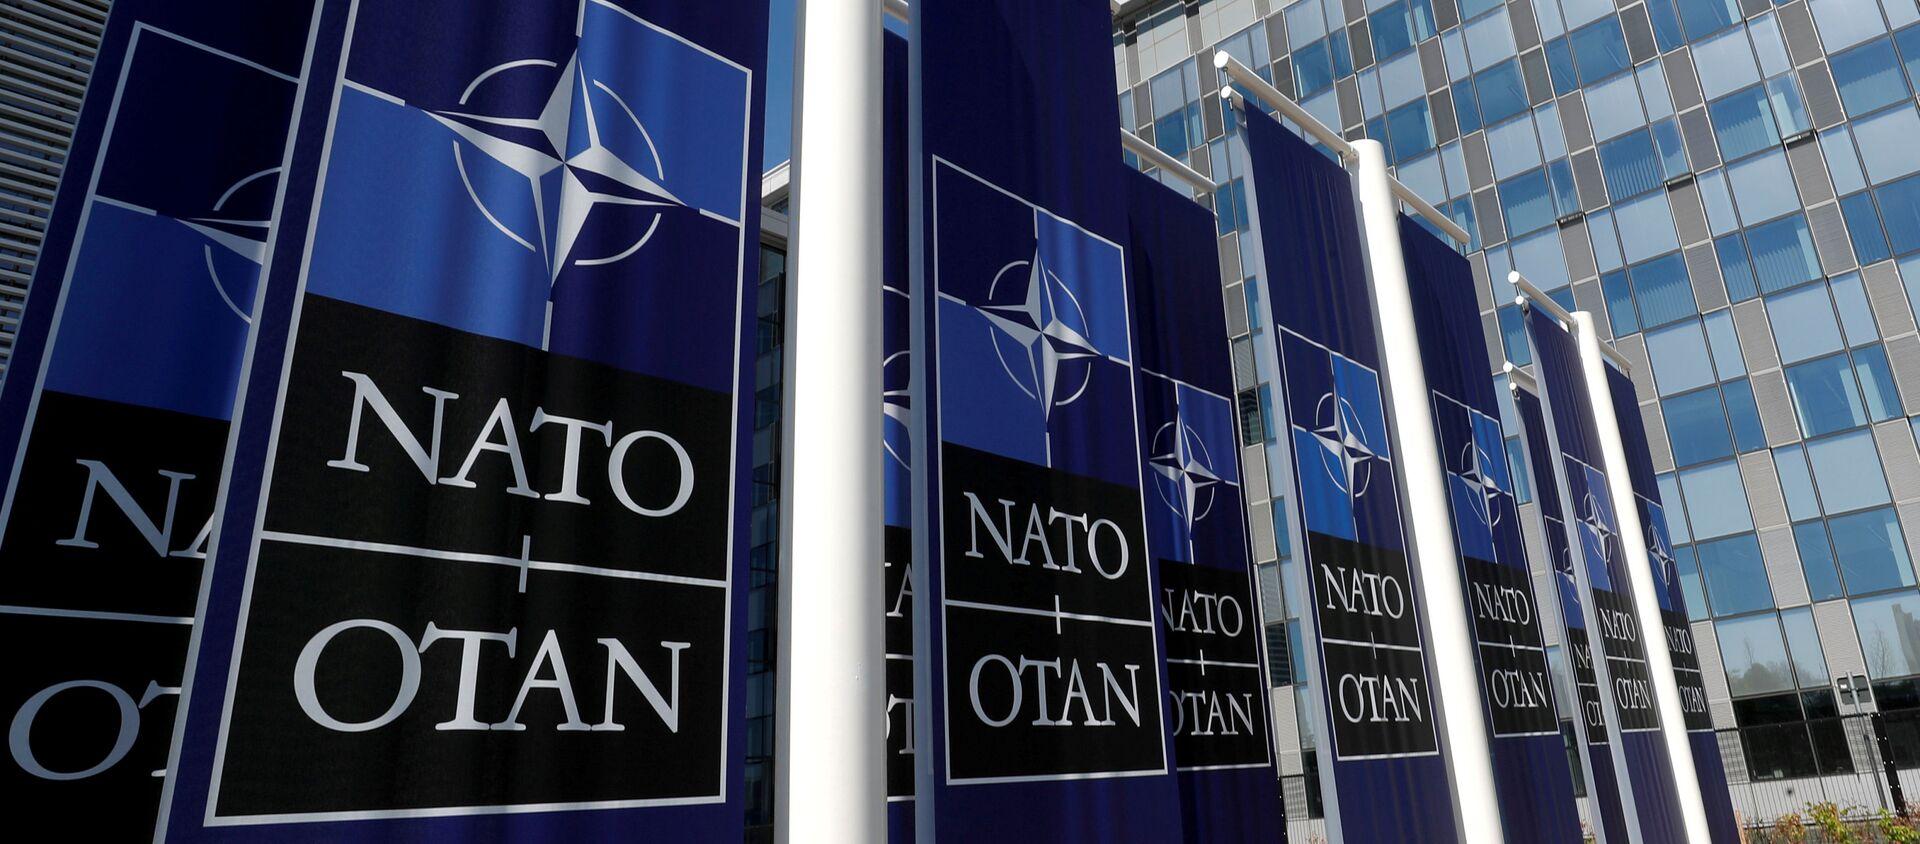 Баннеры с логотипом НАТО у входа в новую штаб-квартиру НАТО - Sputnik Азербайджан, 1920, 28.12.2020